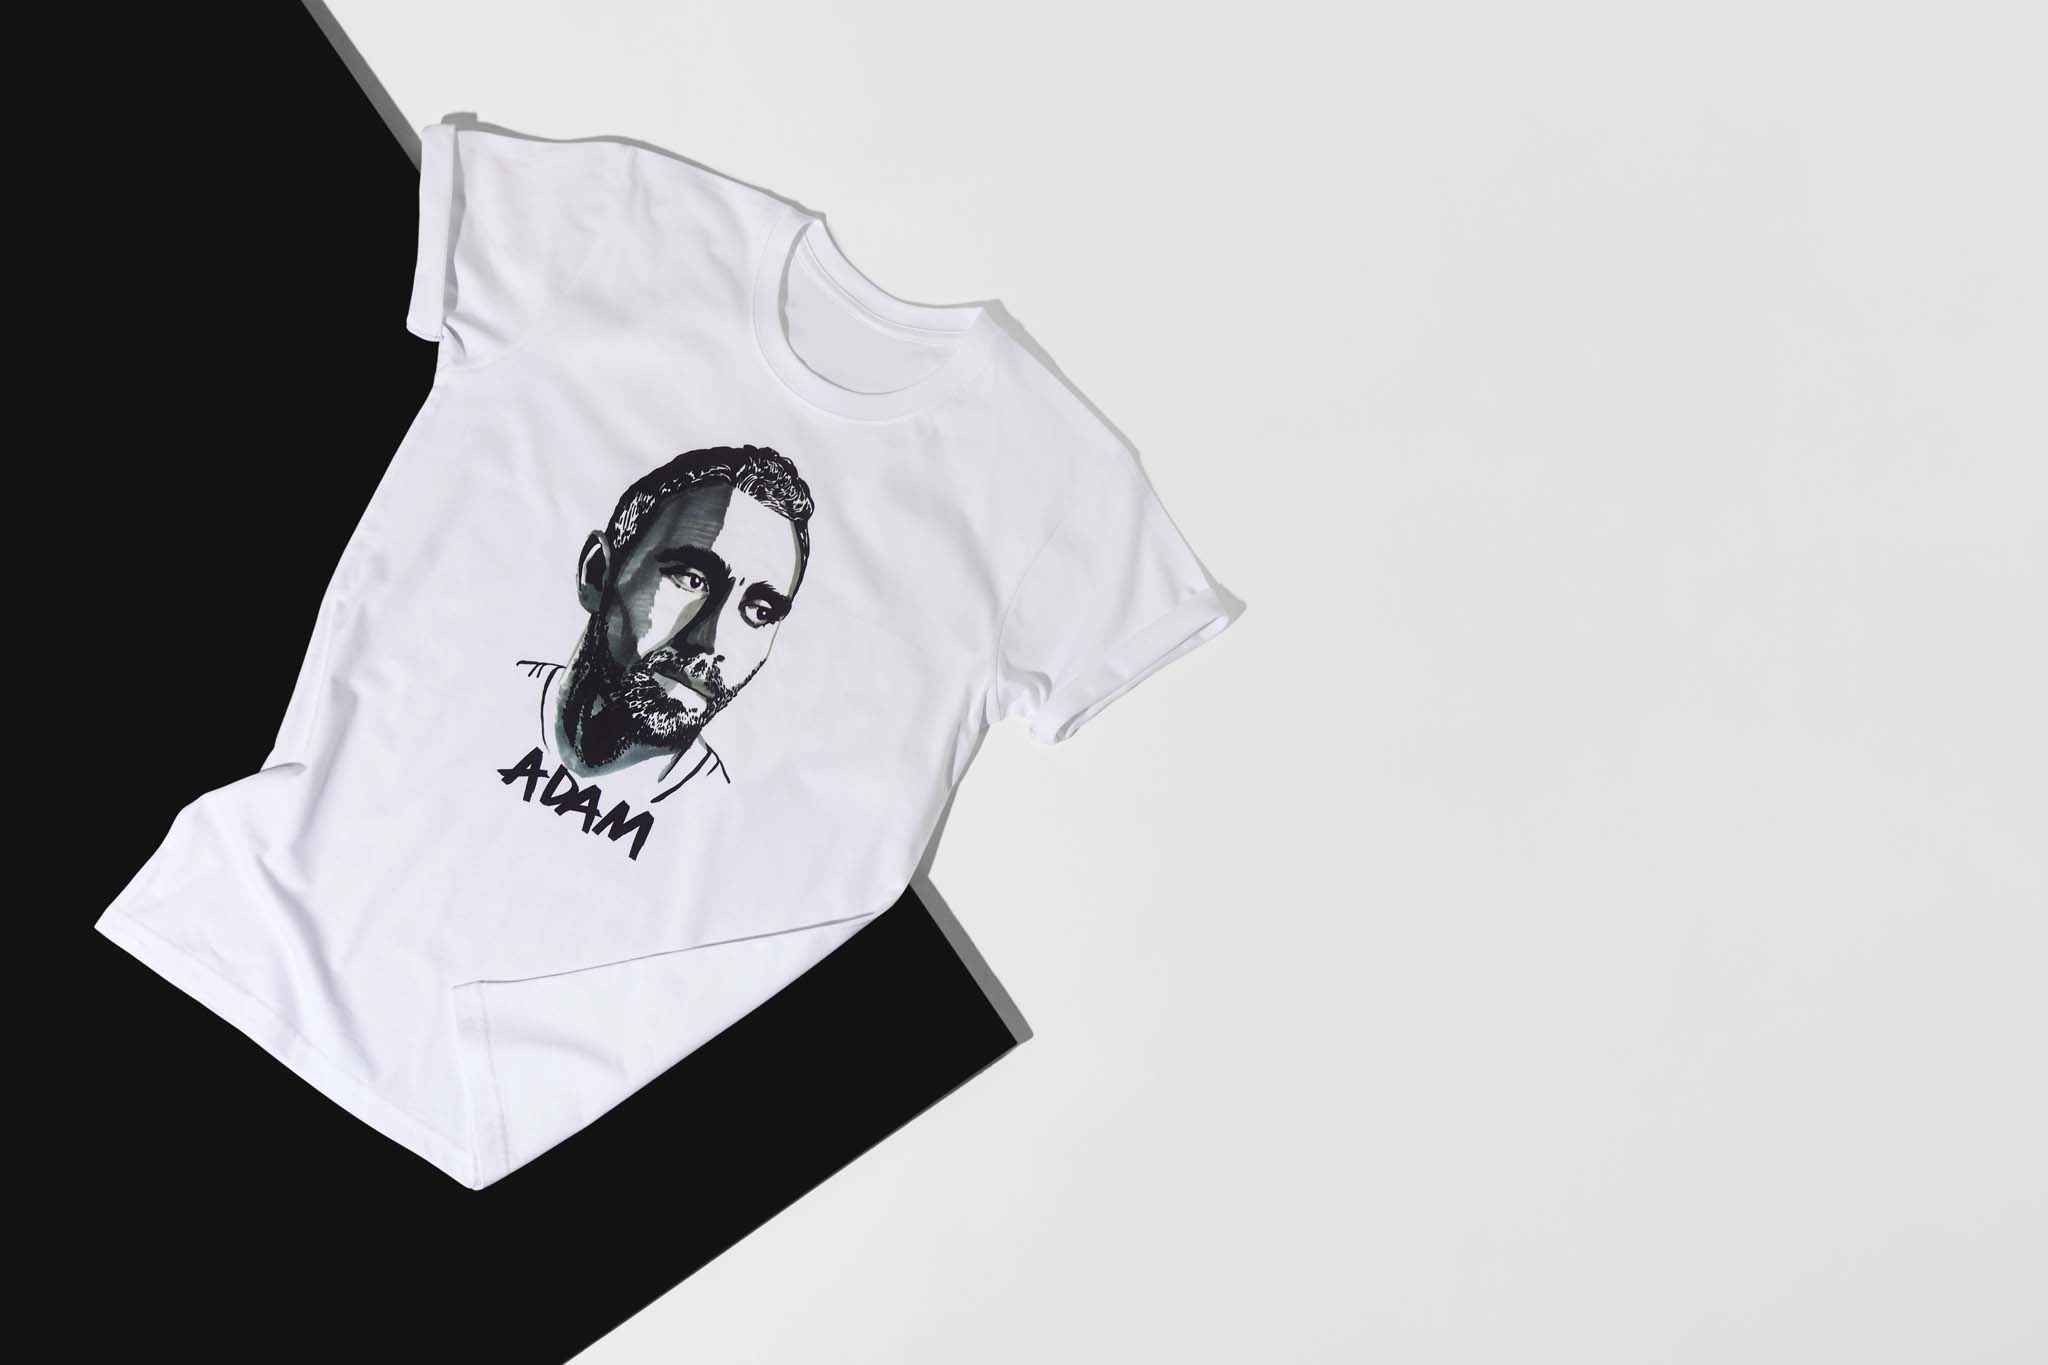 Adam T shirt